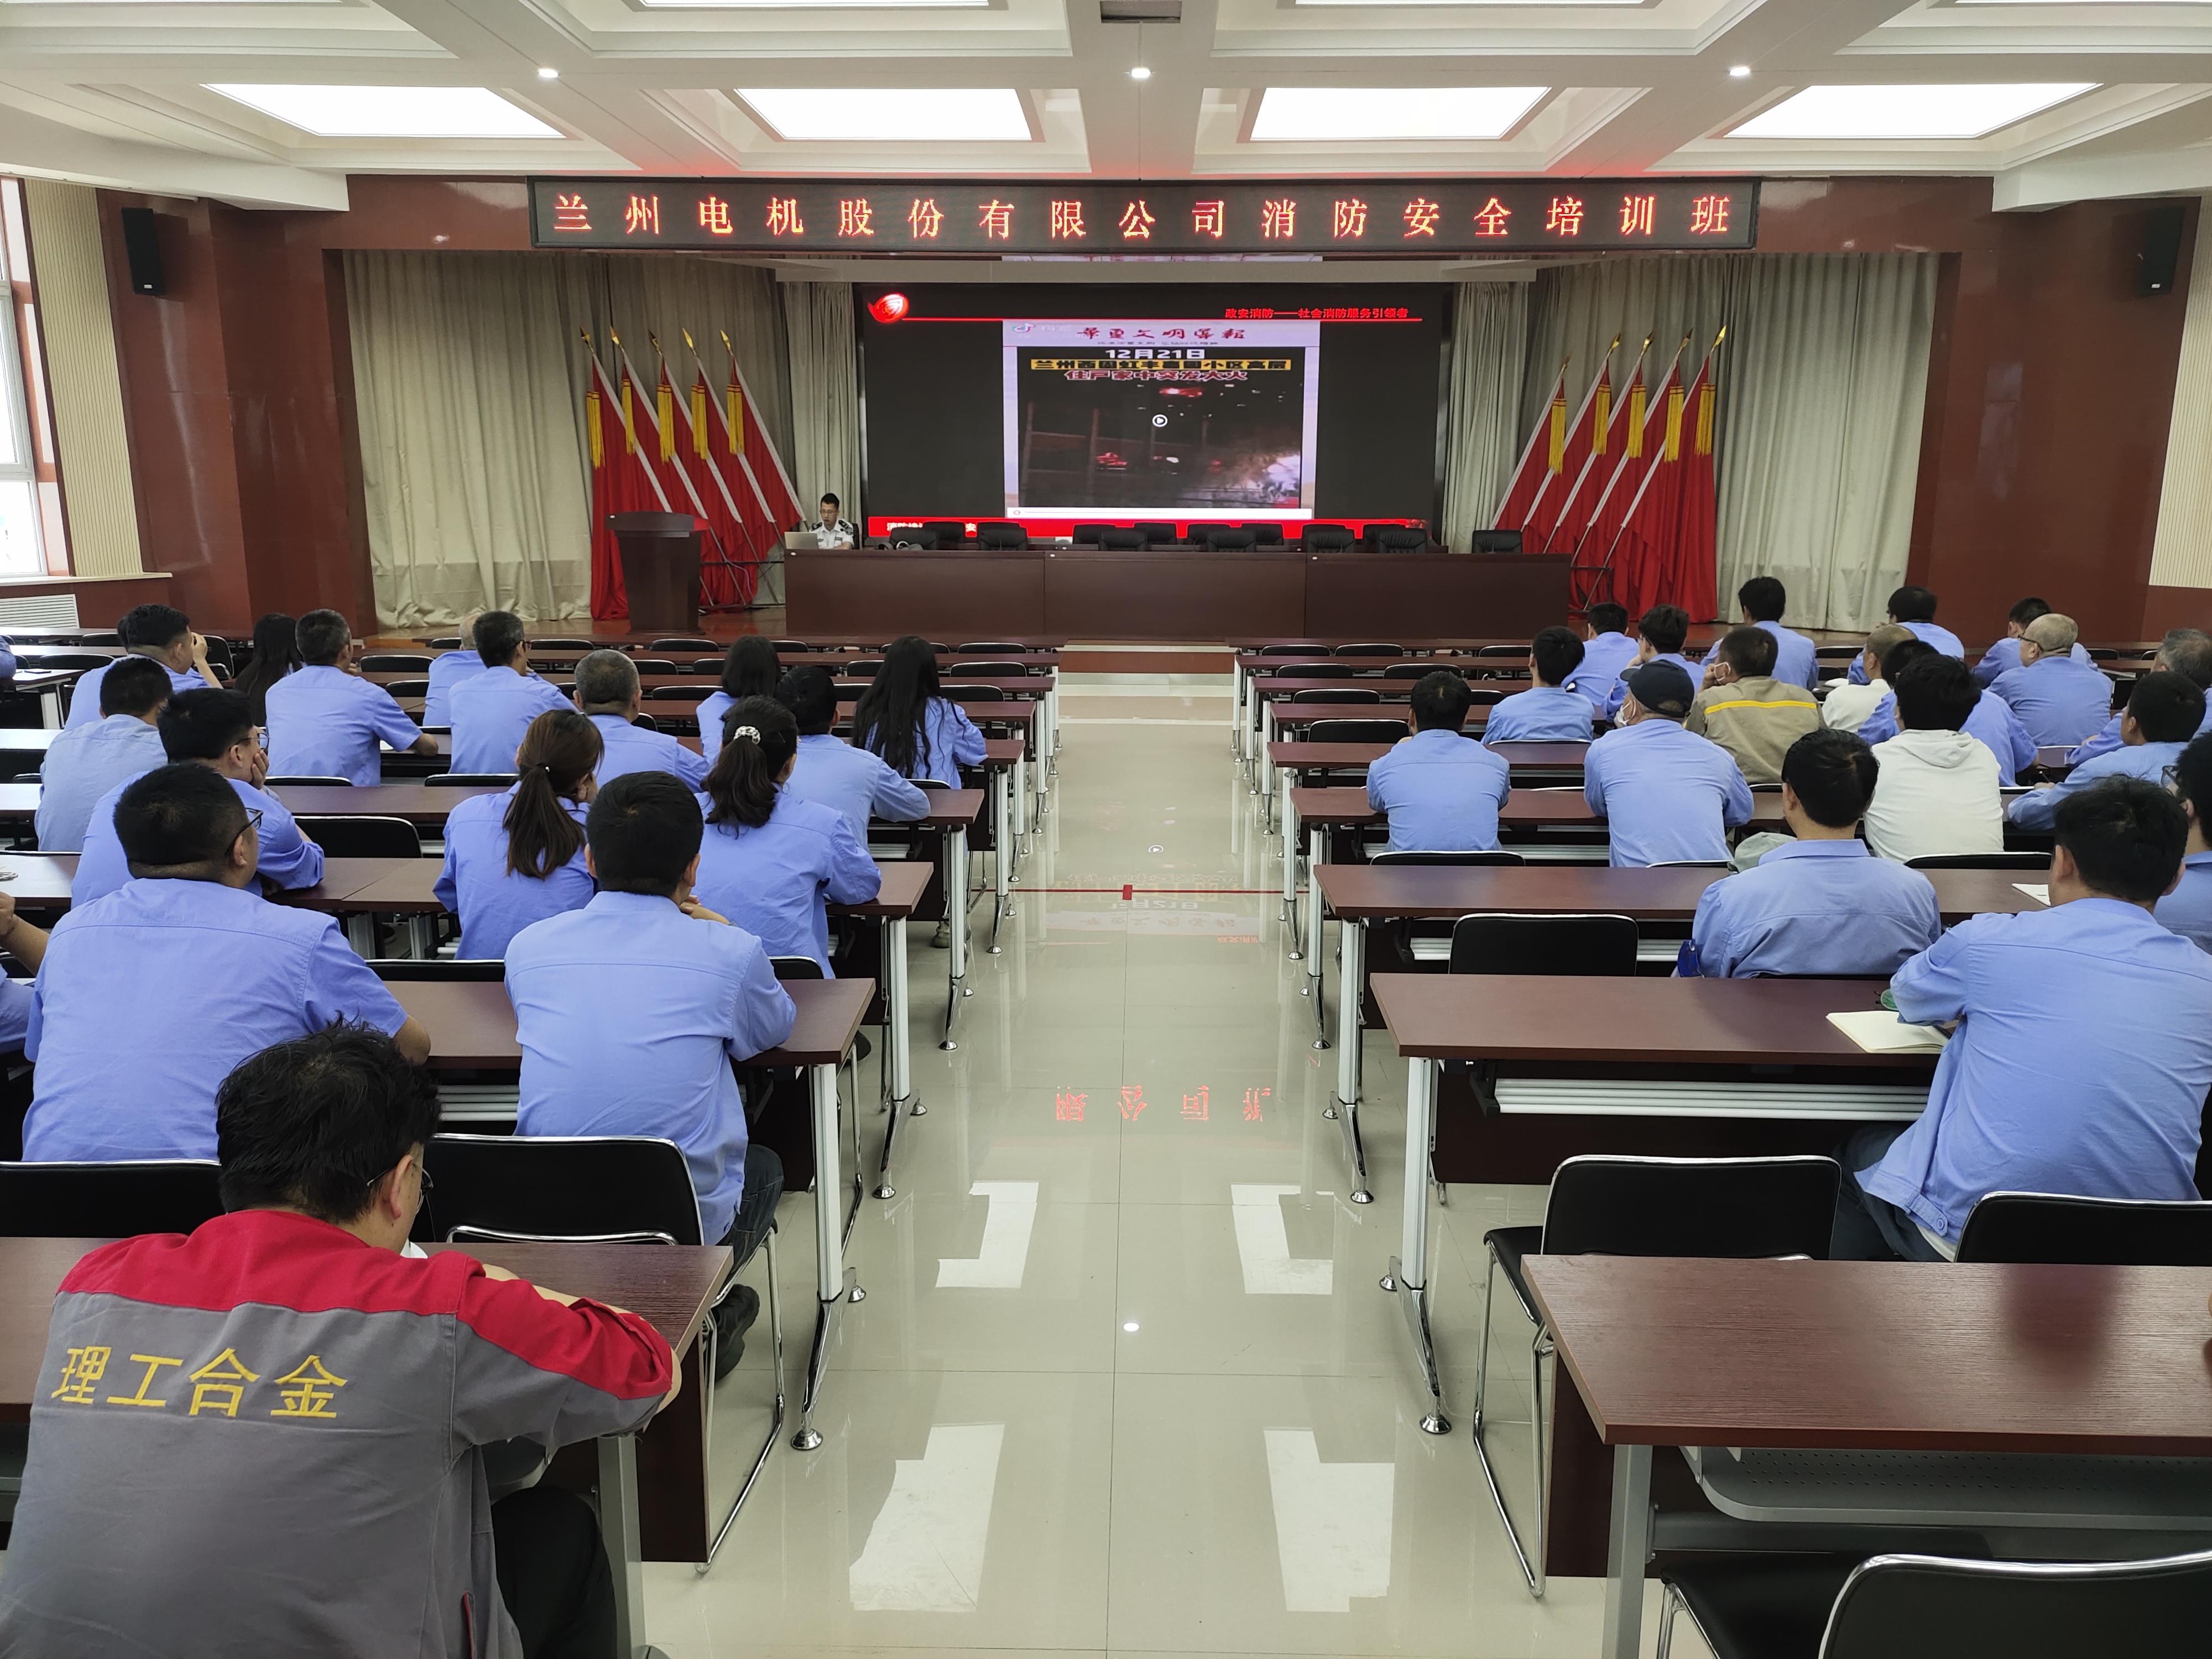 強化消防安全意識 提升應急防控能力  —公司開展消防安全知識專題培訓